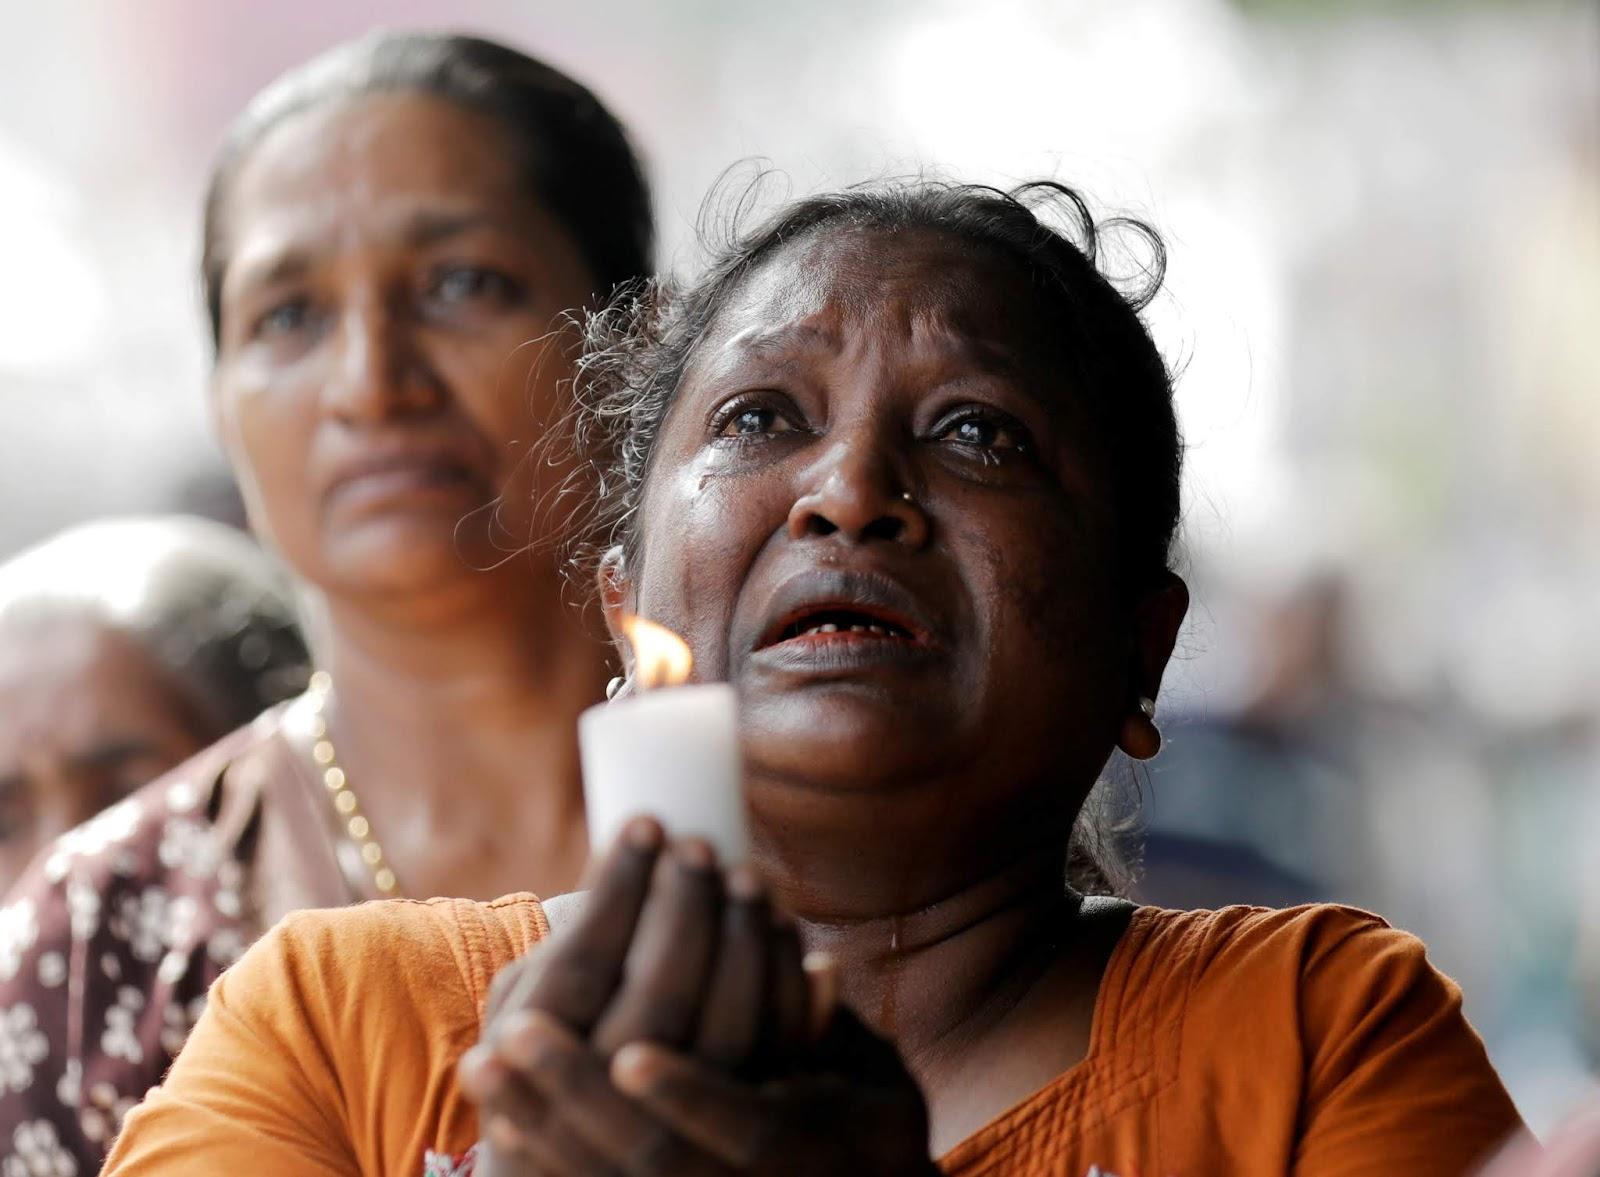 Sri Lanka bombs 'revenge' for Christchurch attacks